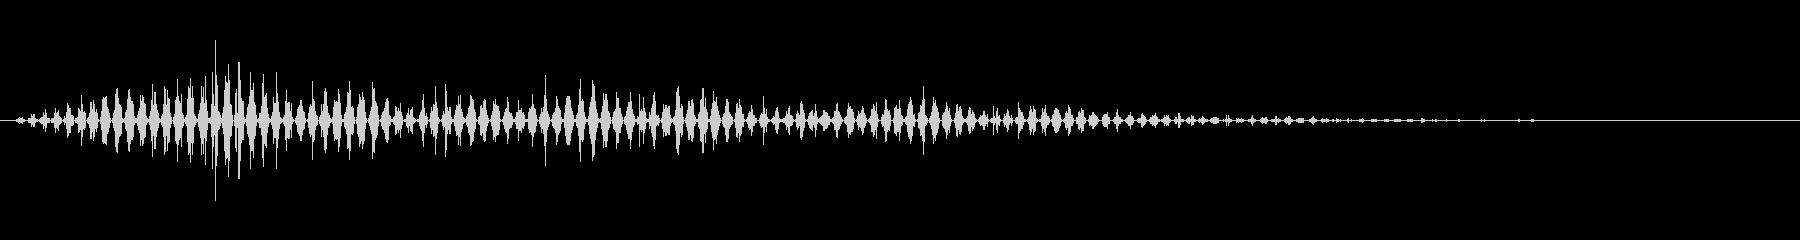 気持ち悪い音3の未再生の波形